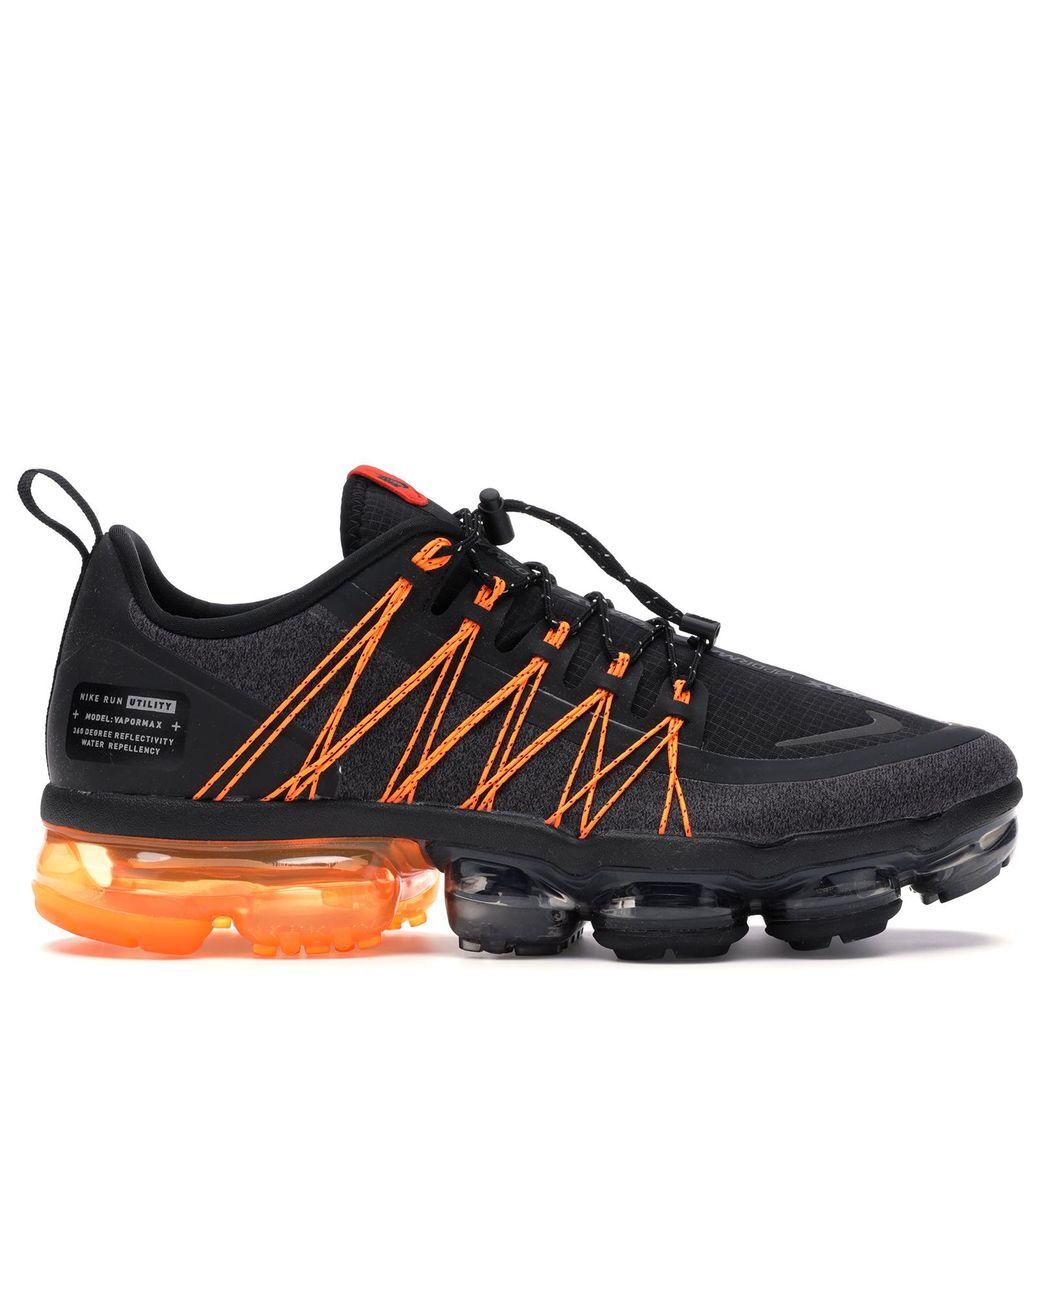 Nike Air Vapormax Run Utility Shoes